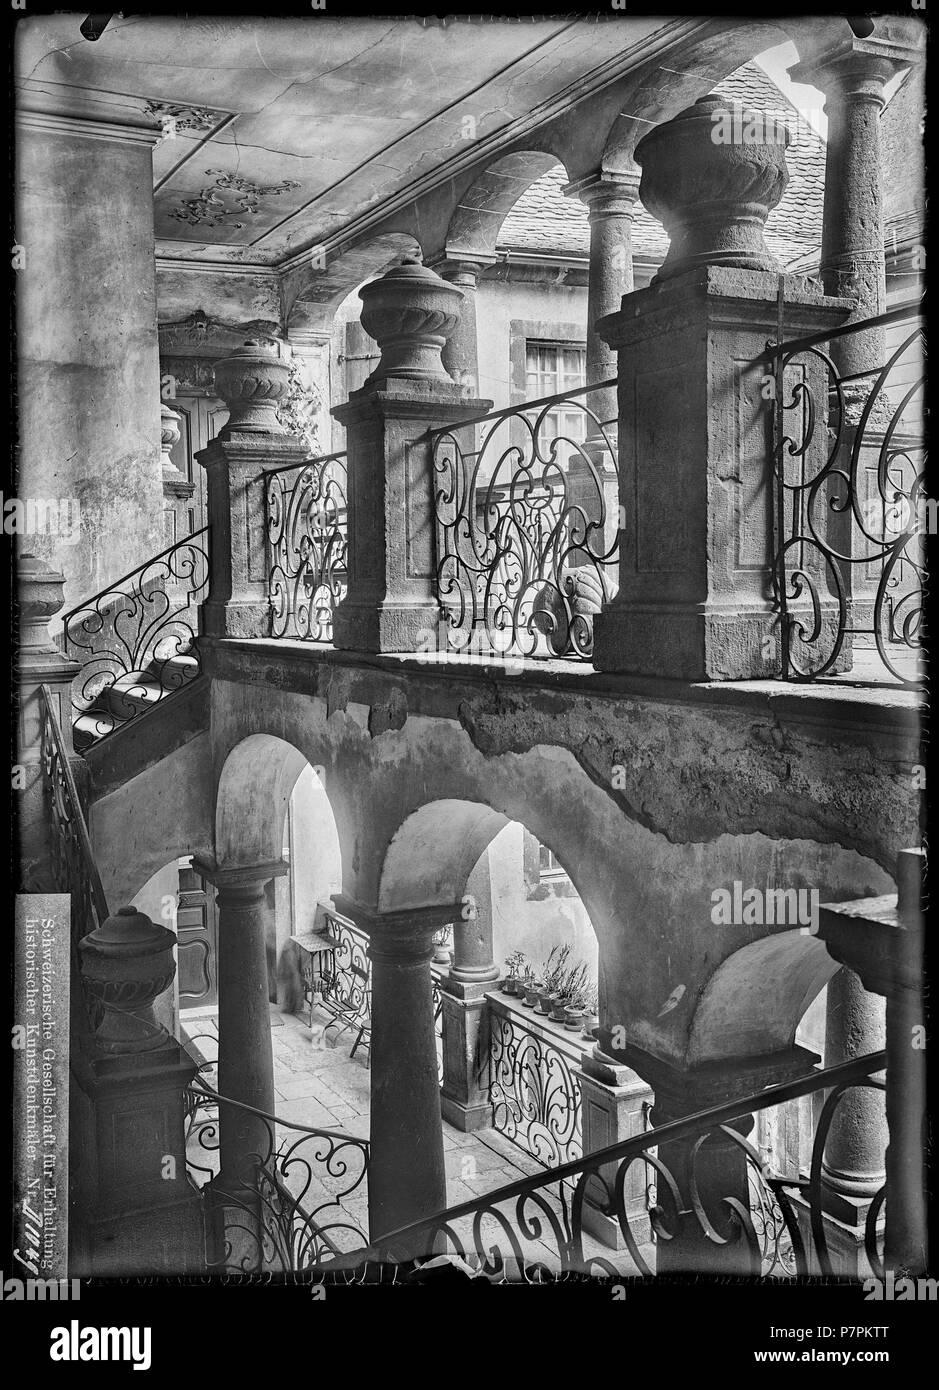 Escalier Dans La Maison saint-maurice, maison de la pierre, escalier, vue partielle